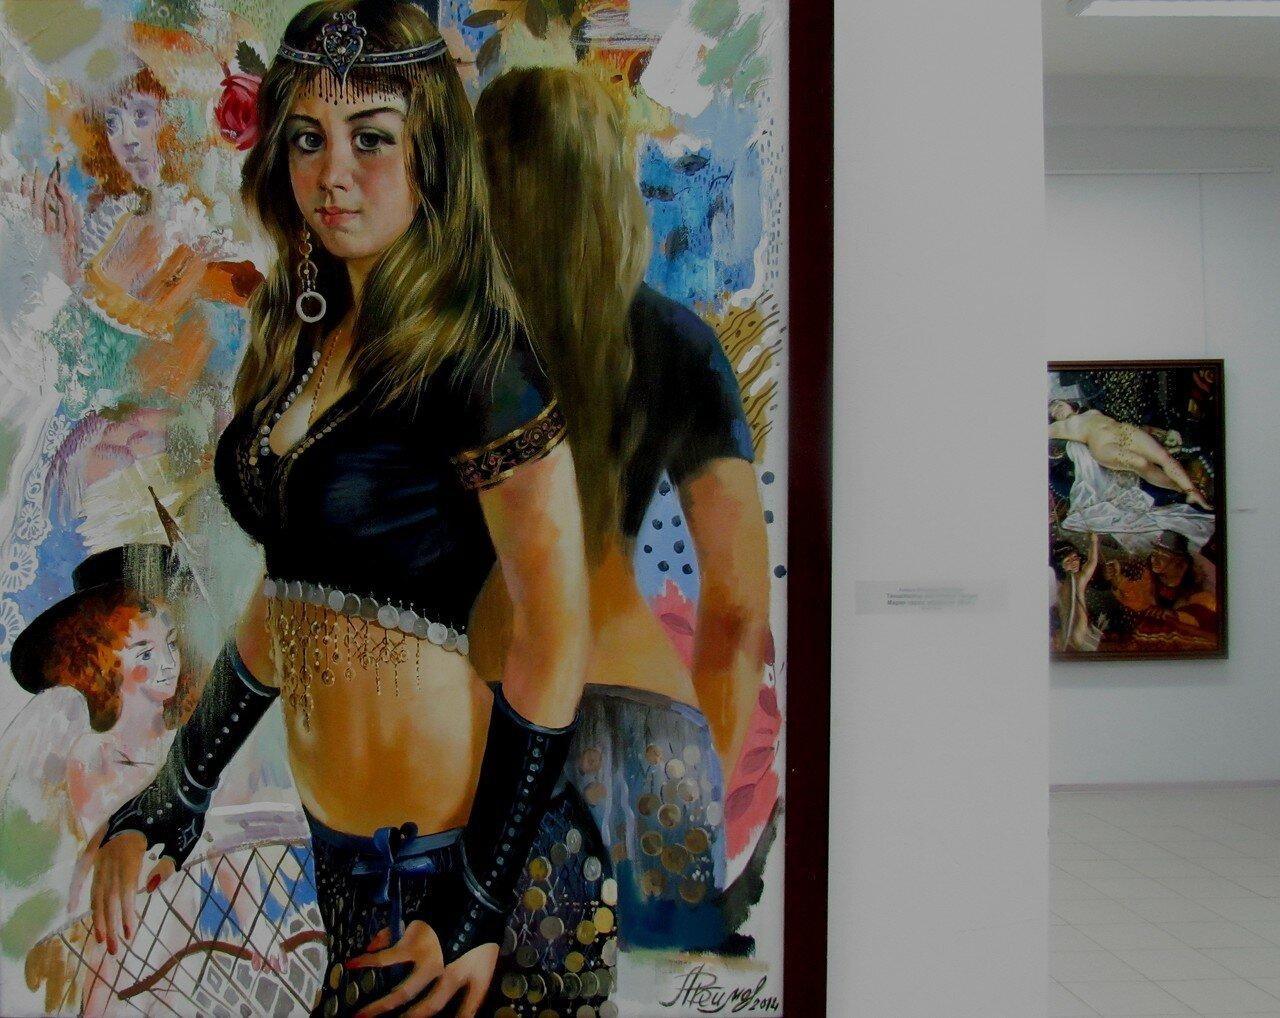 владимир акимов.танцовщица восточных танцев мария перед зеркалом2.jpg